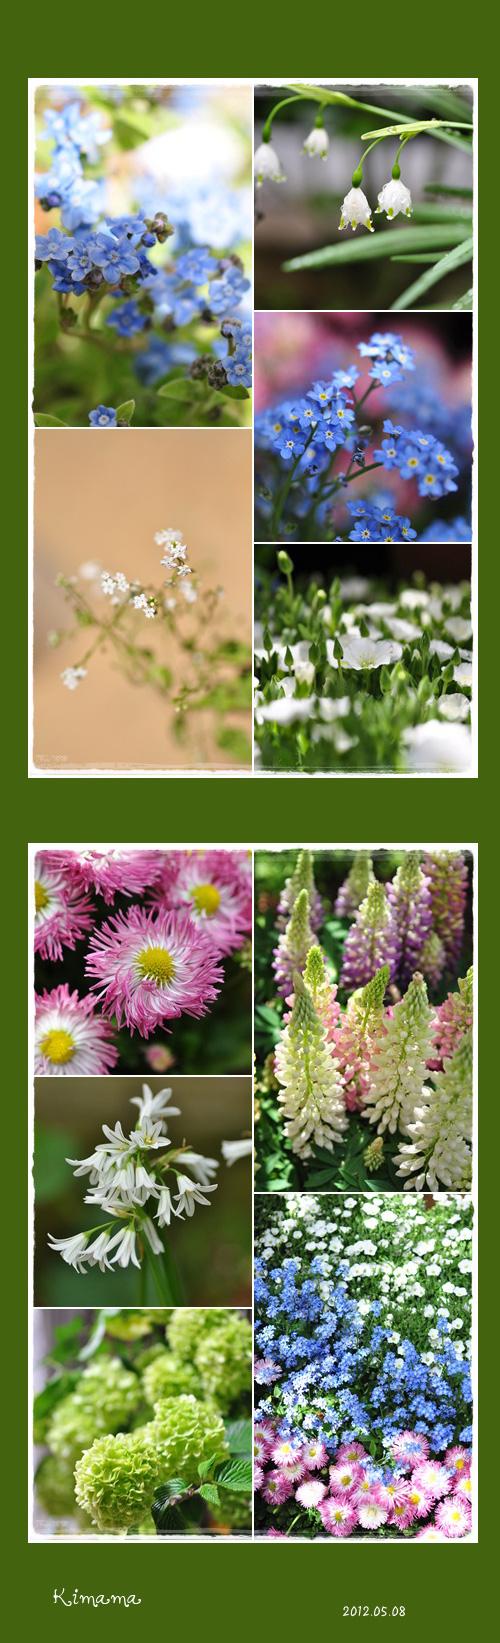 5月8日庭の花3